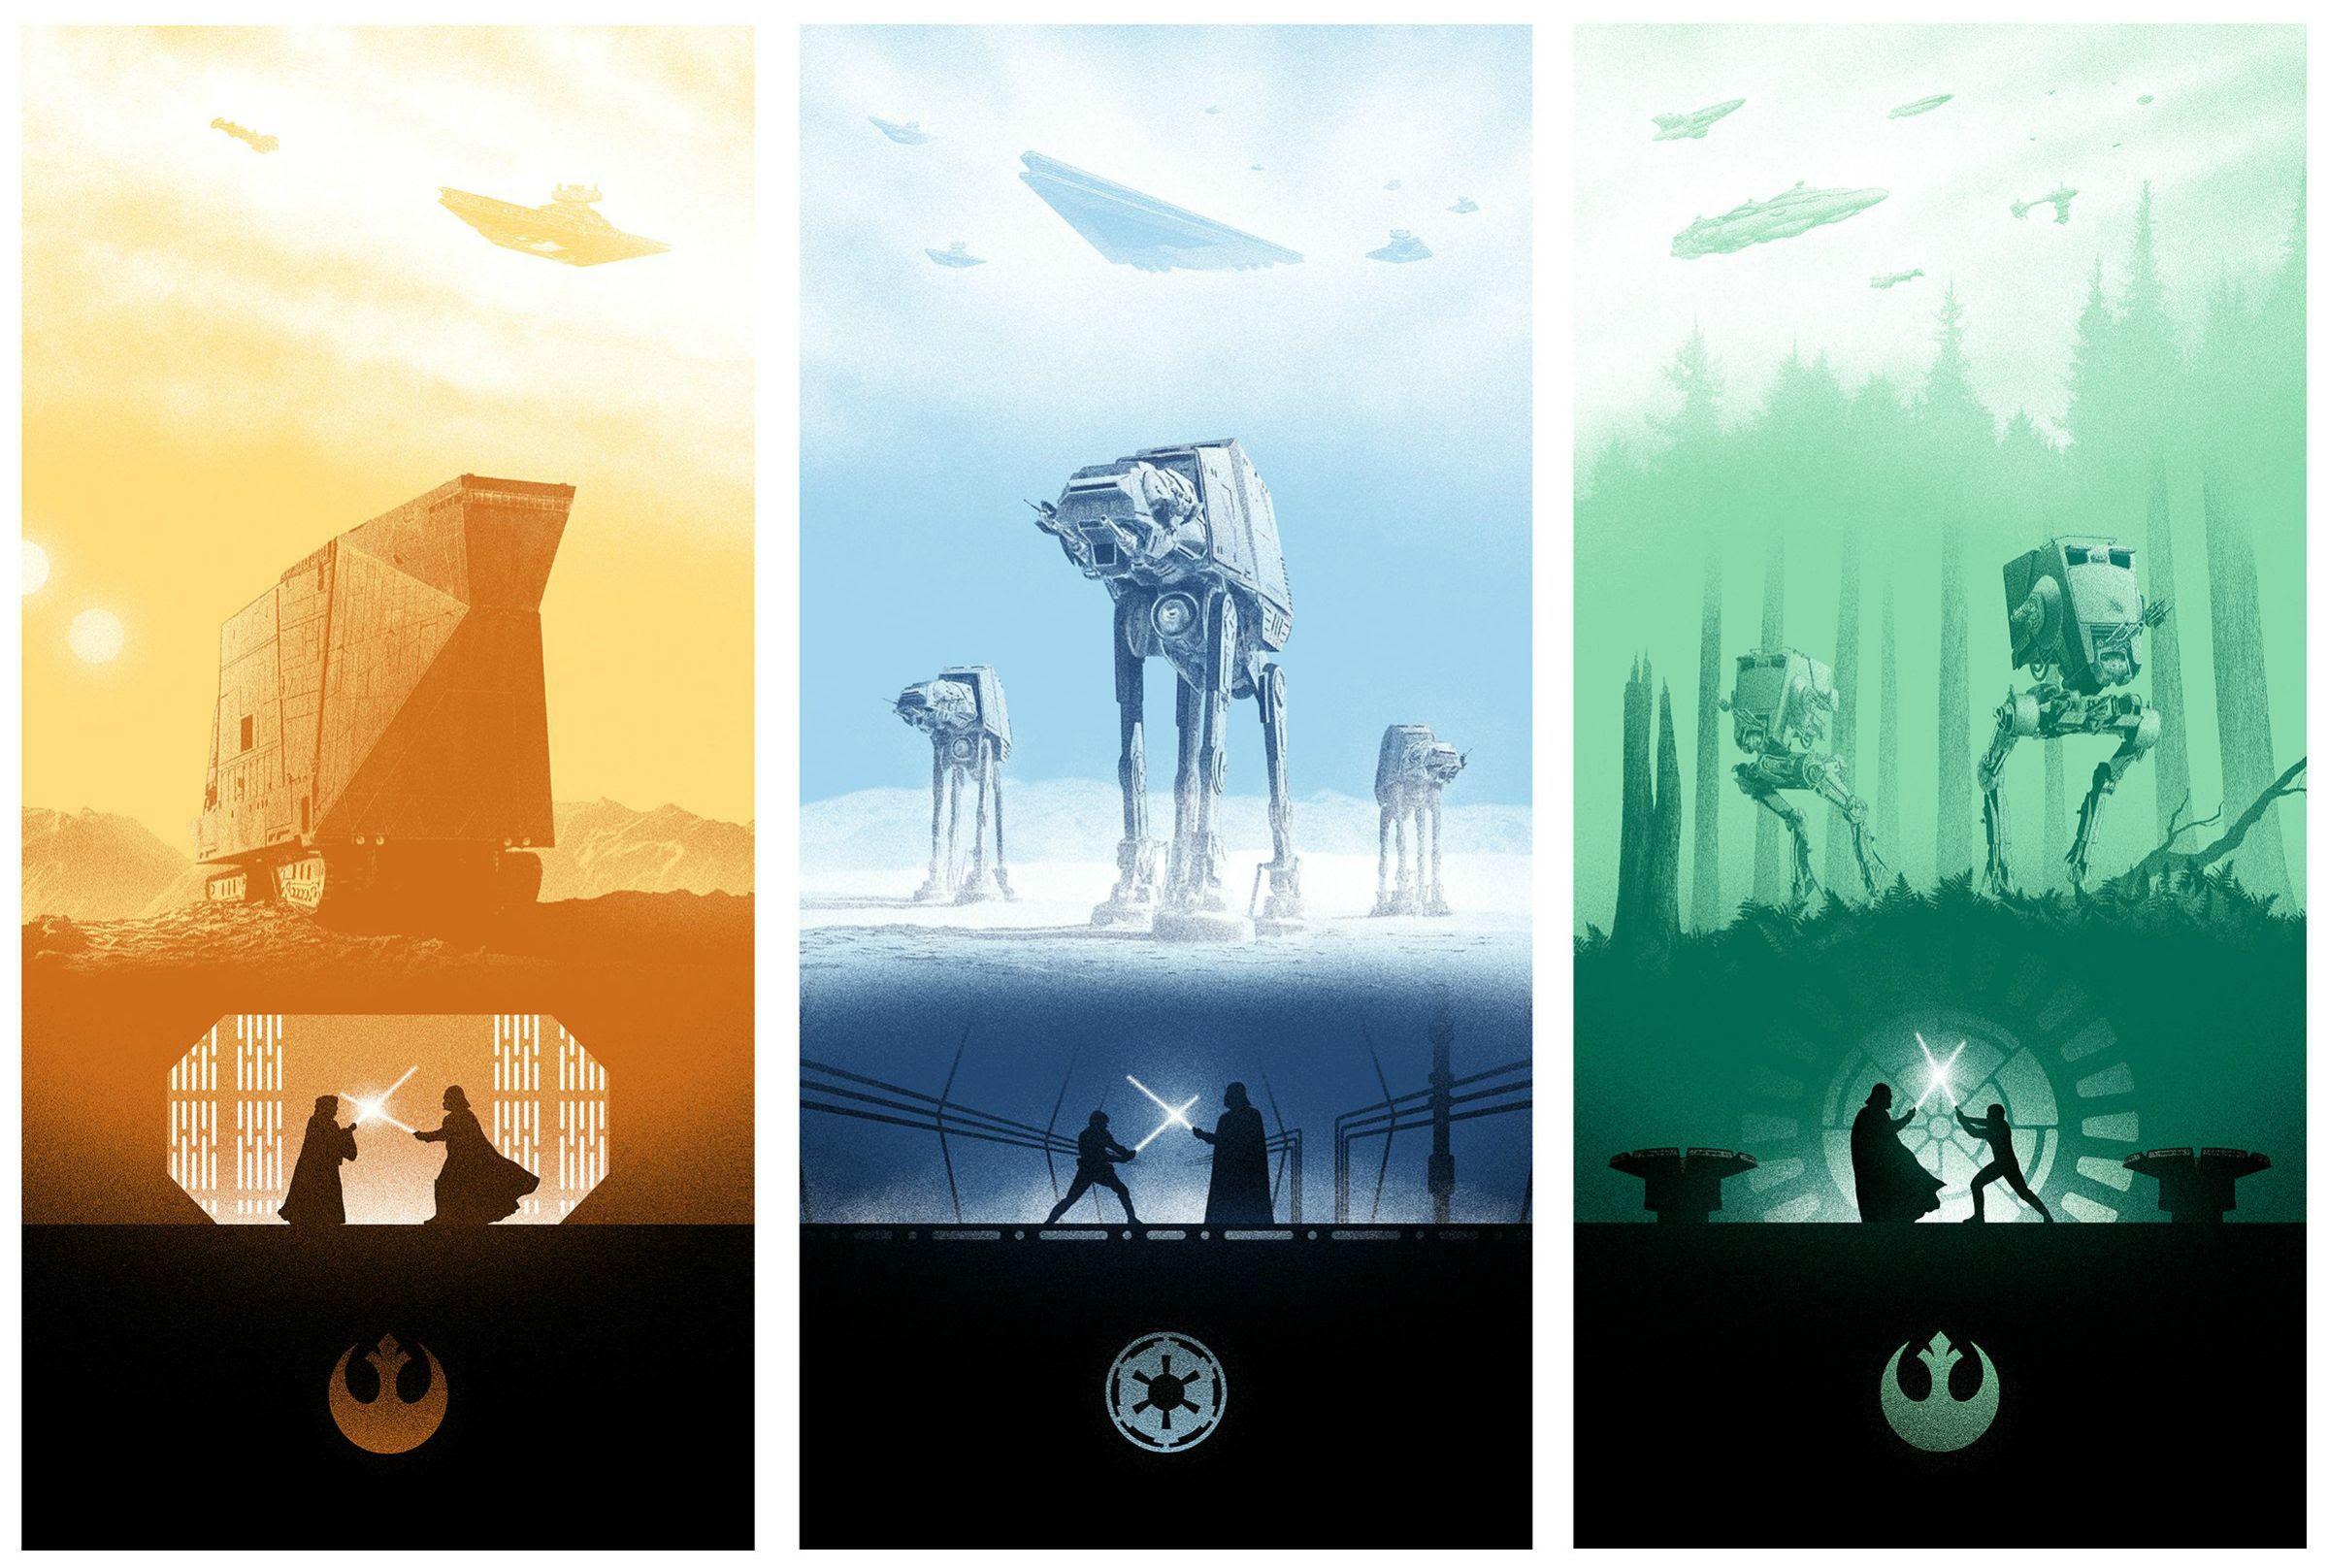 Star Wars Wallpaper Reddit Singebloggg